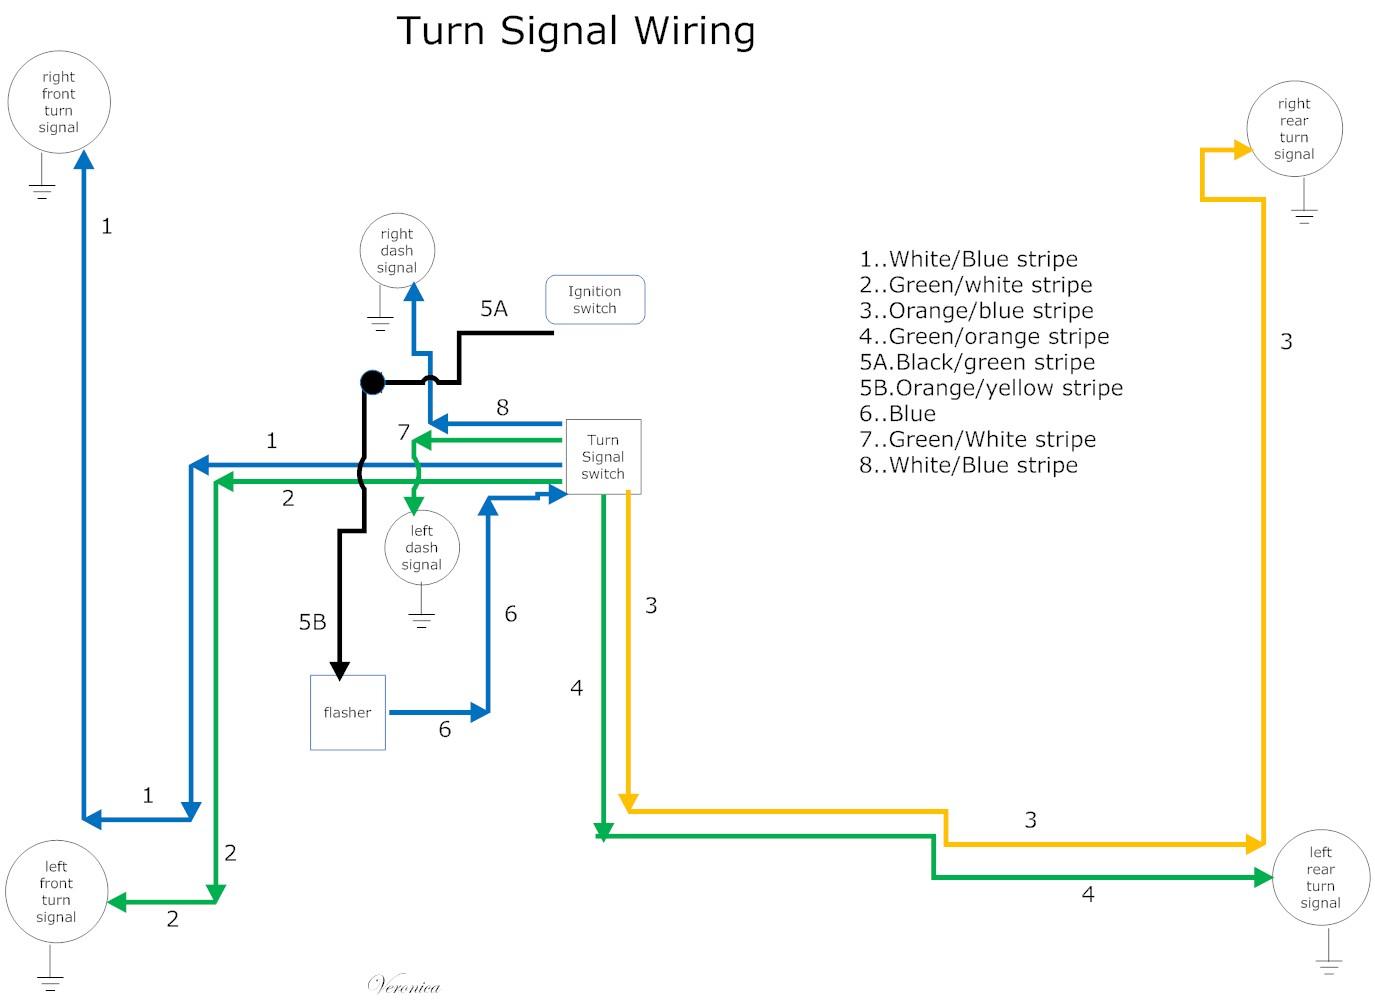 1973 mustang tail light wiring diagram 1968 mustang ke light wiring diagram 1968 ford thunderbird tail [ 1375 x 1008 Pixel ]